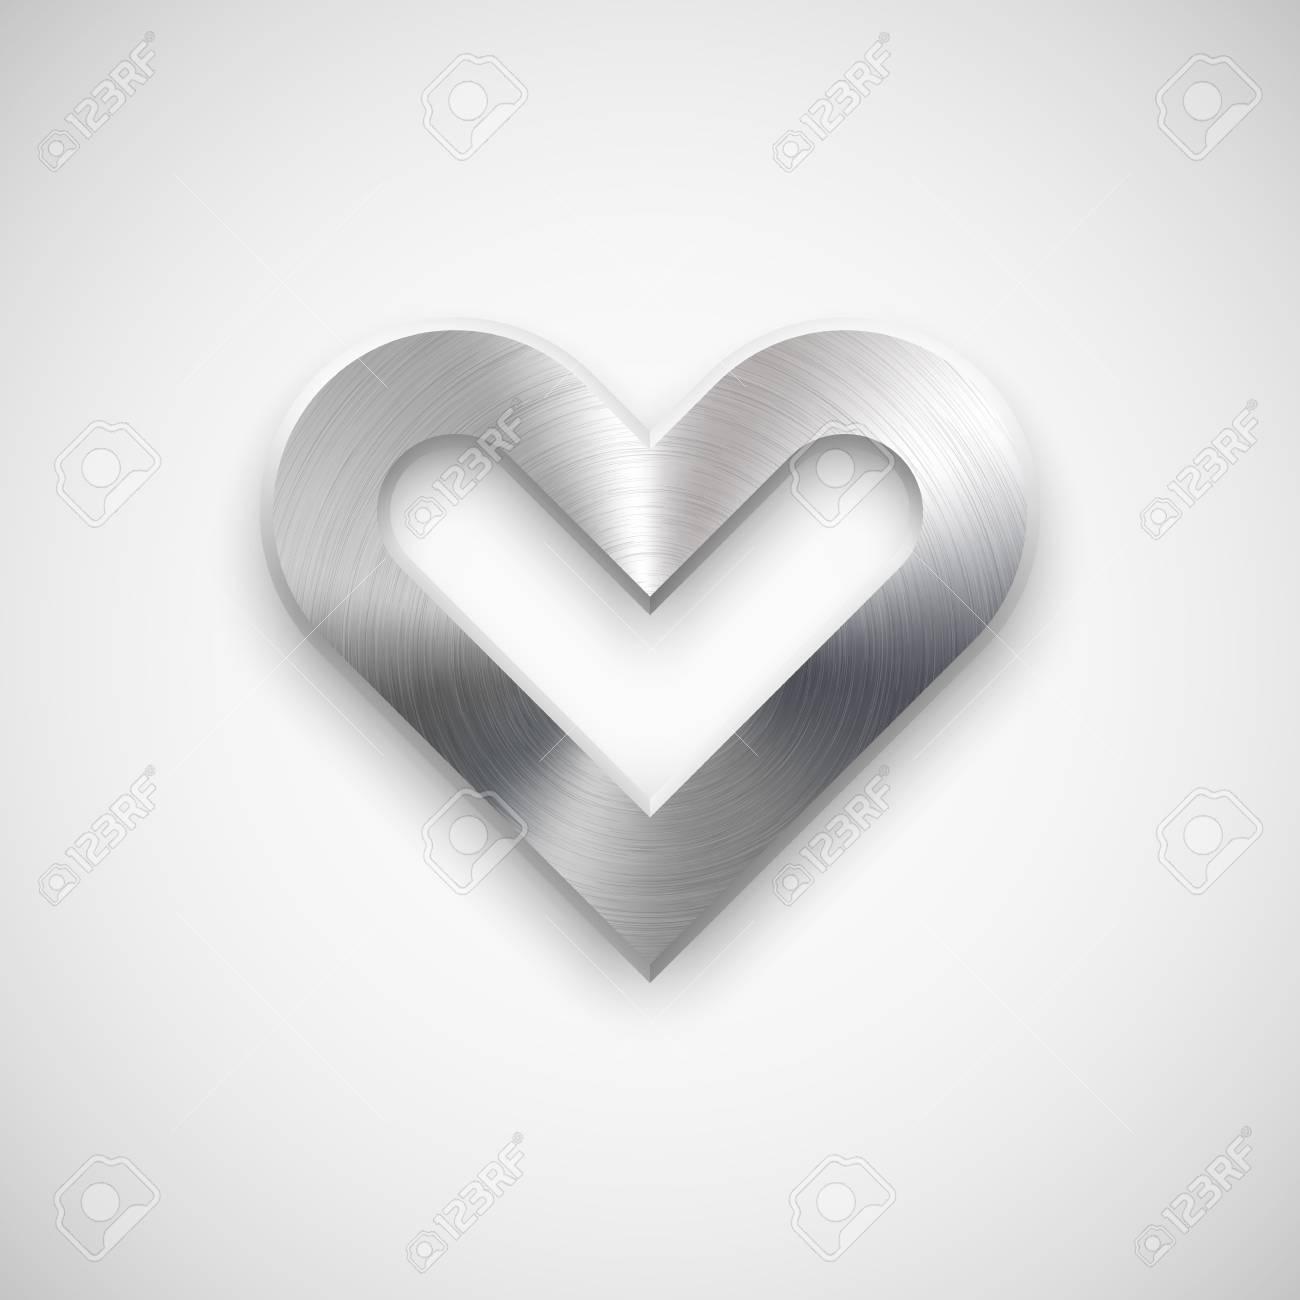 Zusammenfassung Herz Zeichen Abzeichen, Valentinstag Leere ...